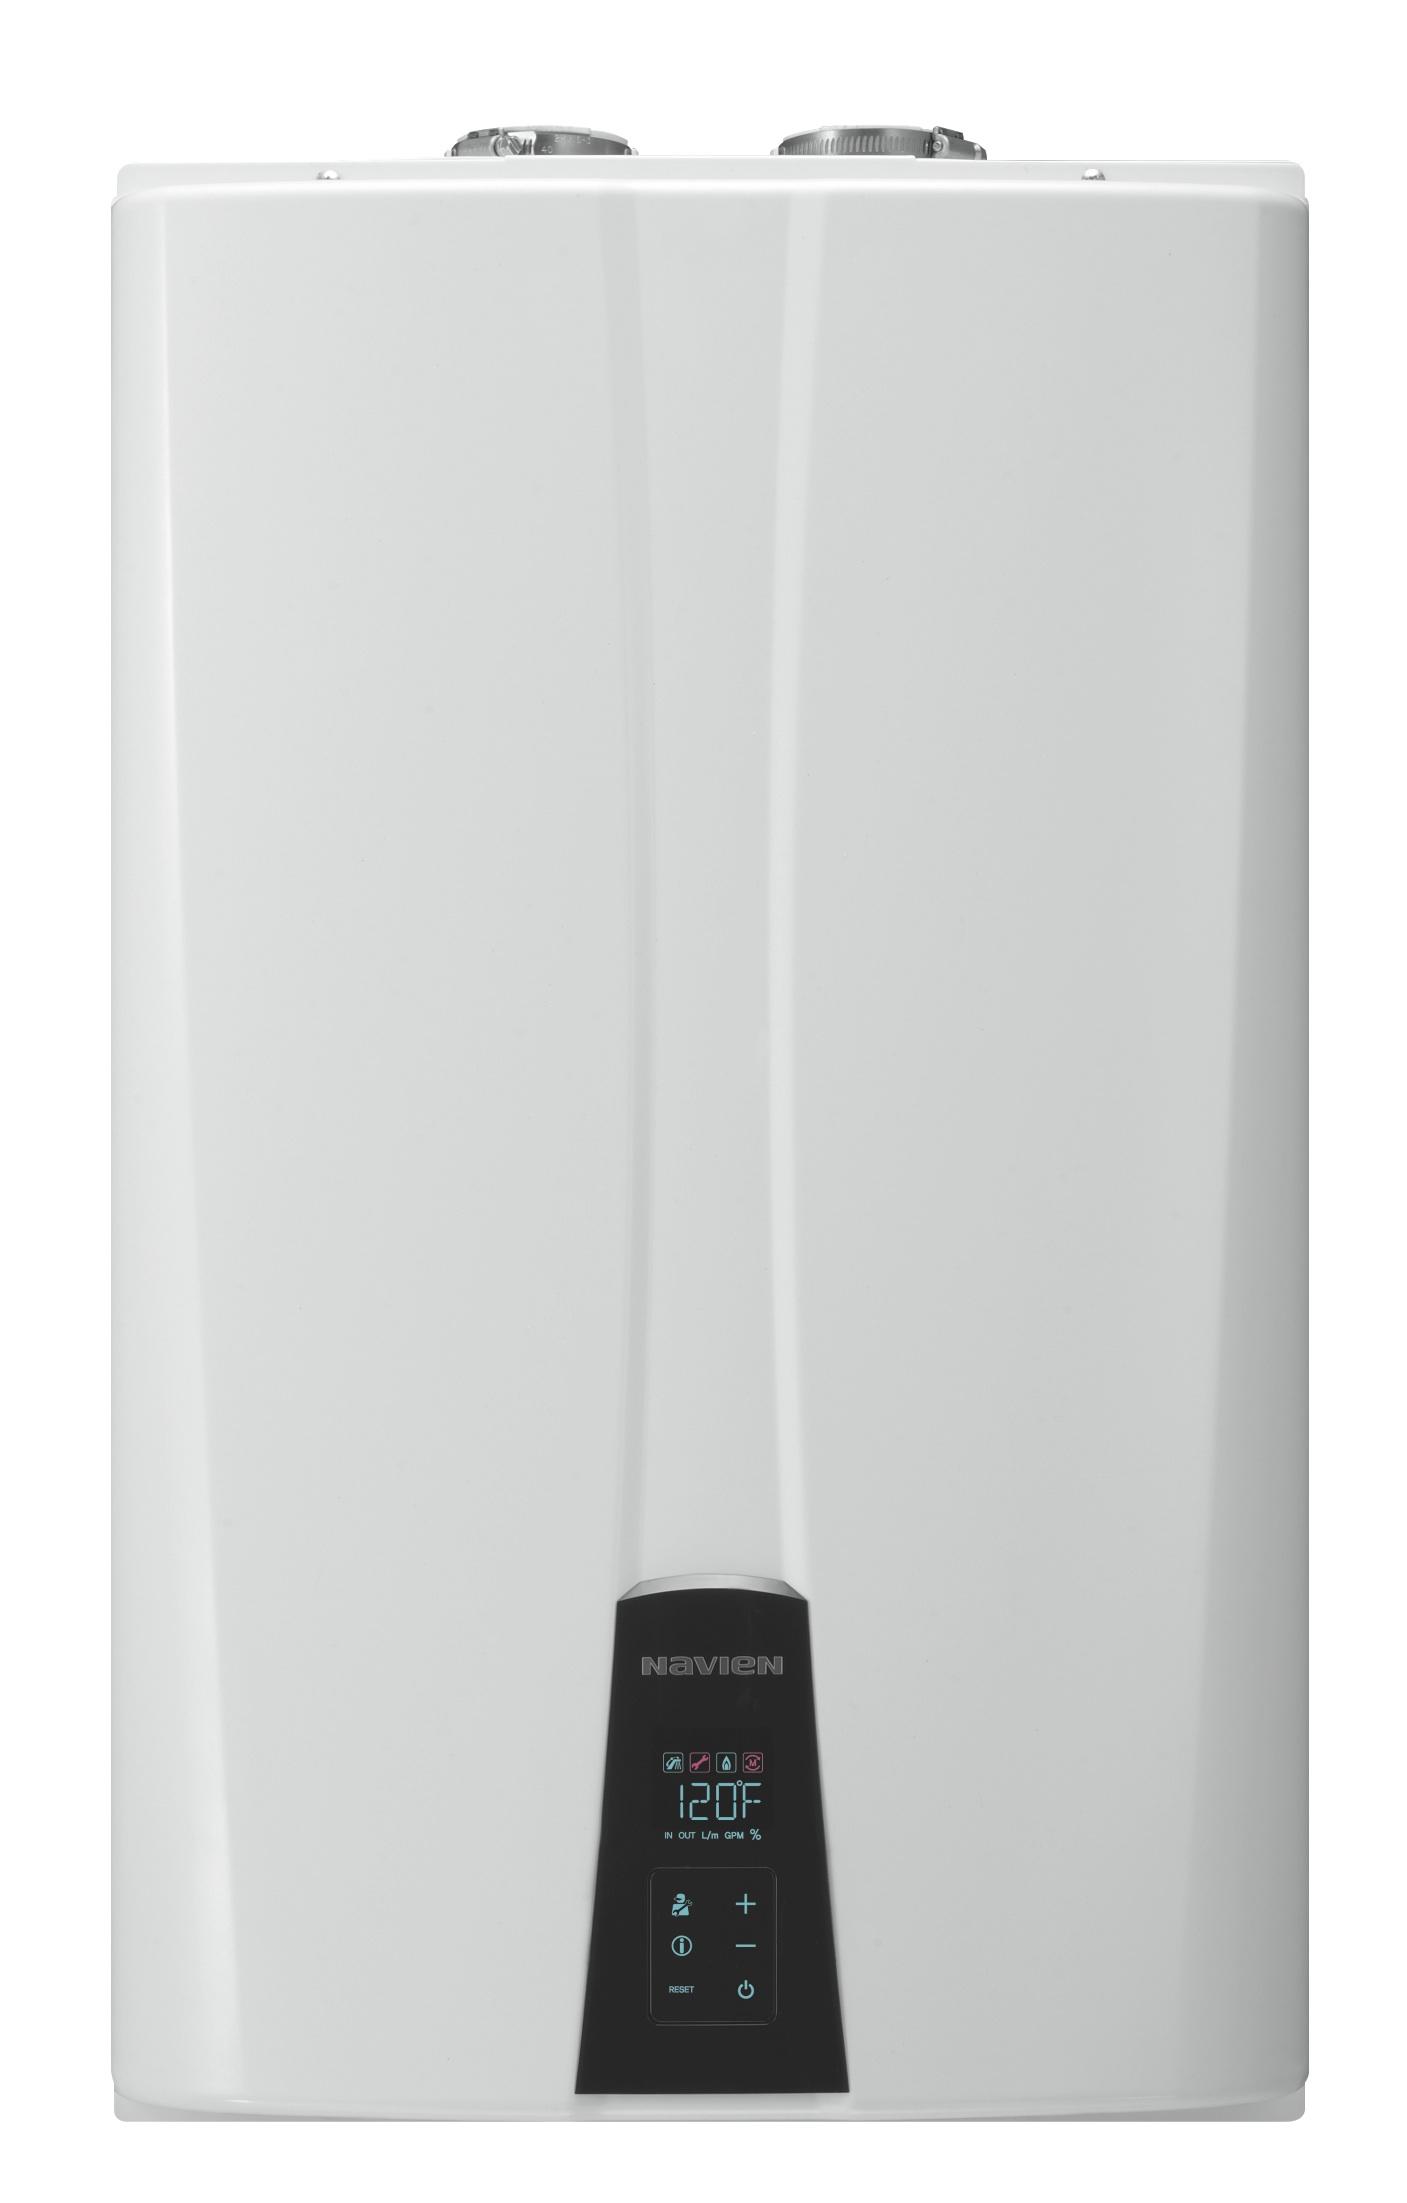 Navien Water Heater Home Decor